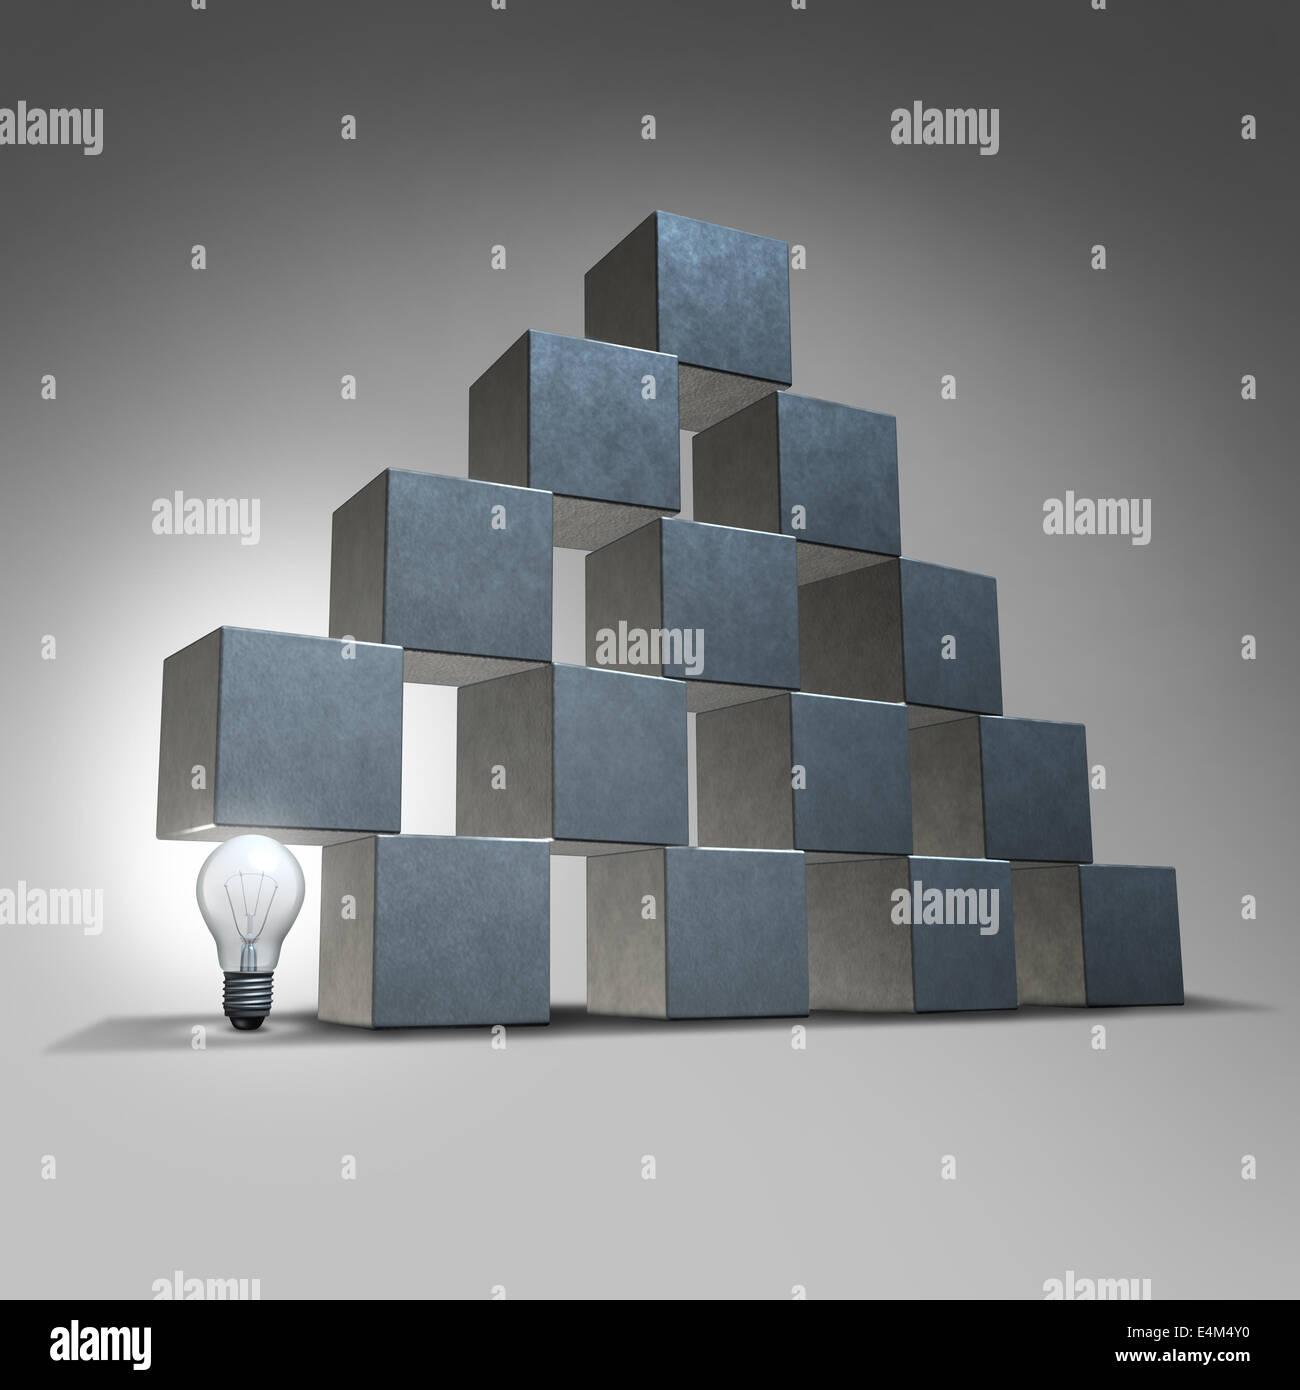 Apoyo creativo y de marketing empresarial el concepto de asociación como un grupo de cubos tridimensionales Imagen De Stock